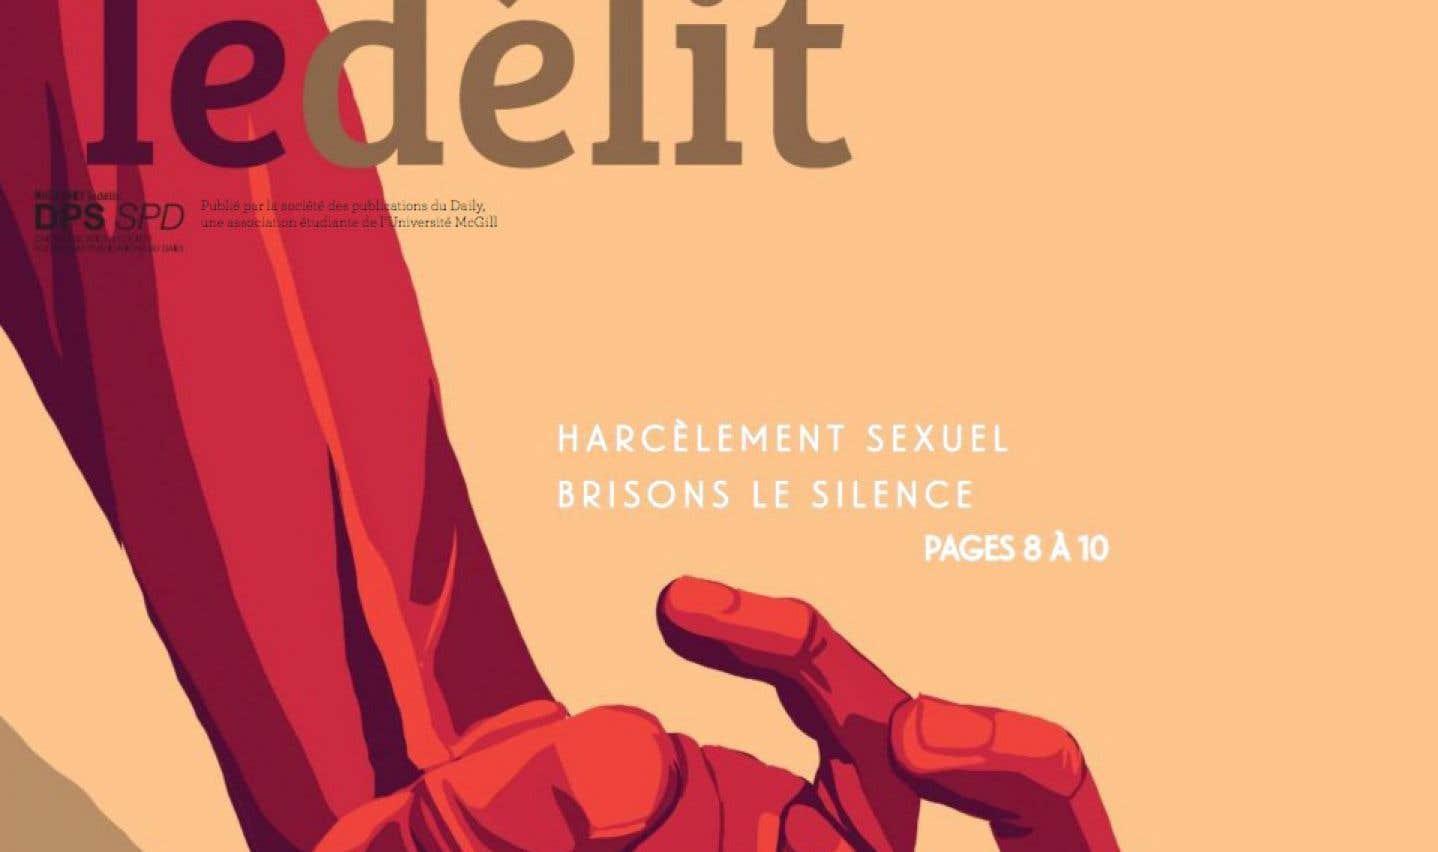 Au cours des dernières années, les journaux étudiants de l'Université McGill (dont «Le Délit», le seul journal francophone) ont été d'utiles lanceurs d'alerte dans le campus, estiment les auteurs.